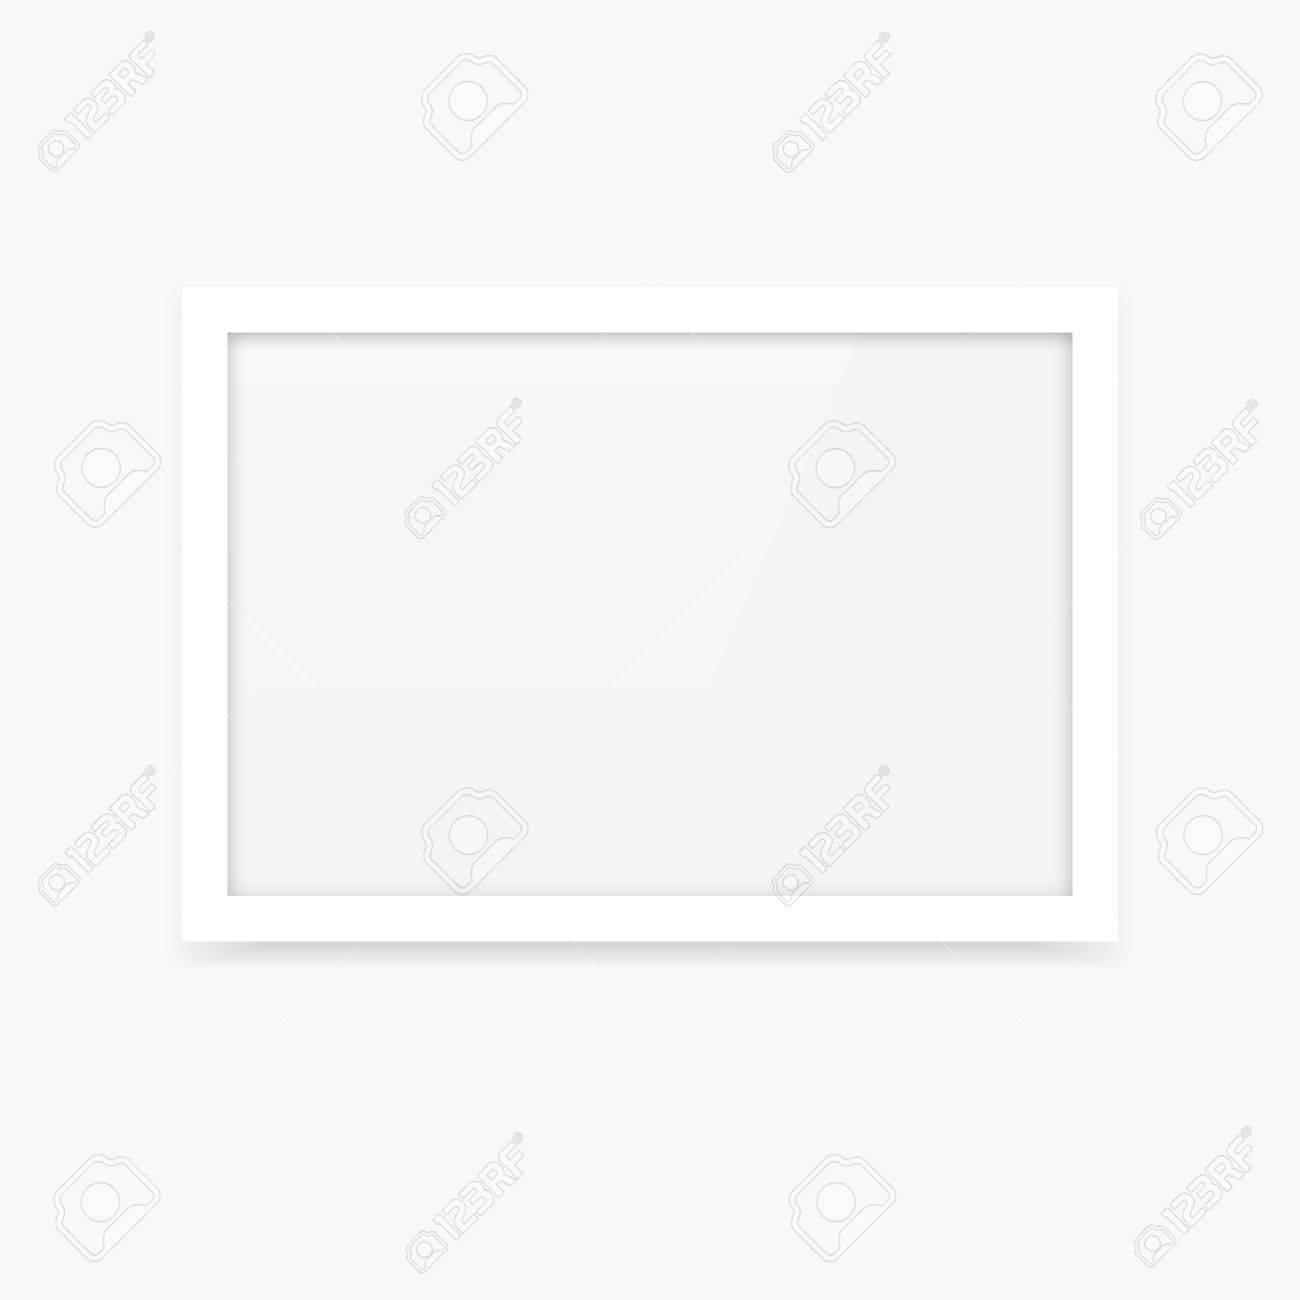 Einfache Saubere Weiße Vektor Leere Bilderrahmen Mockup Mit ...